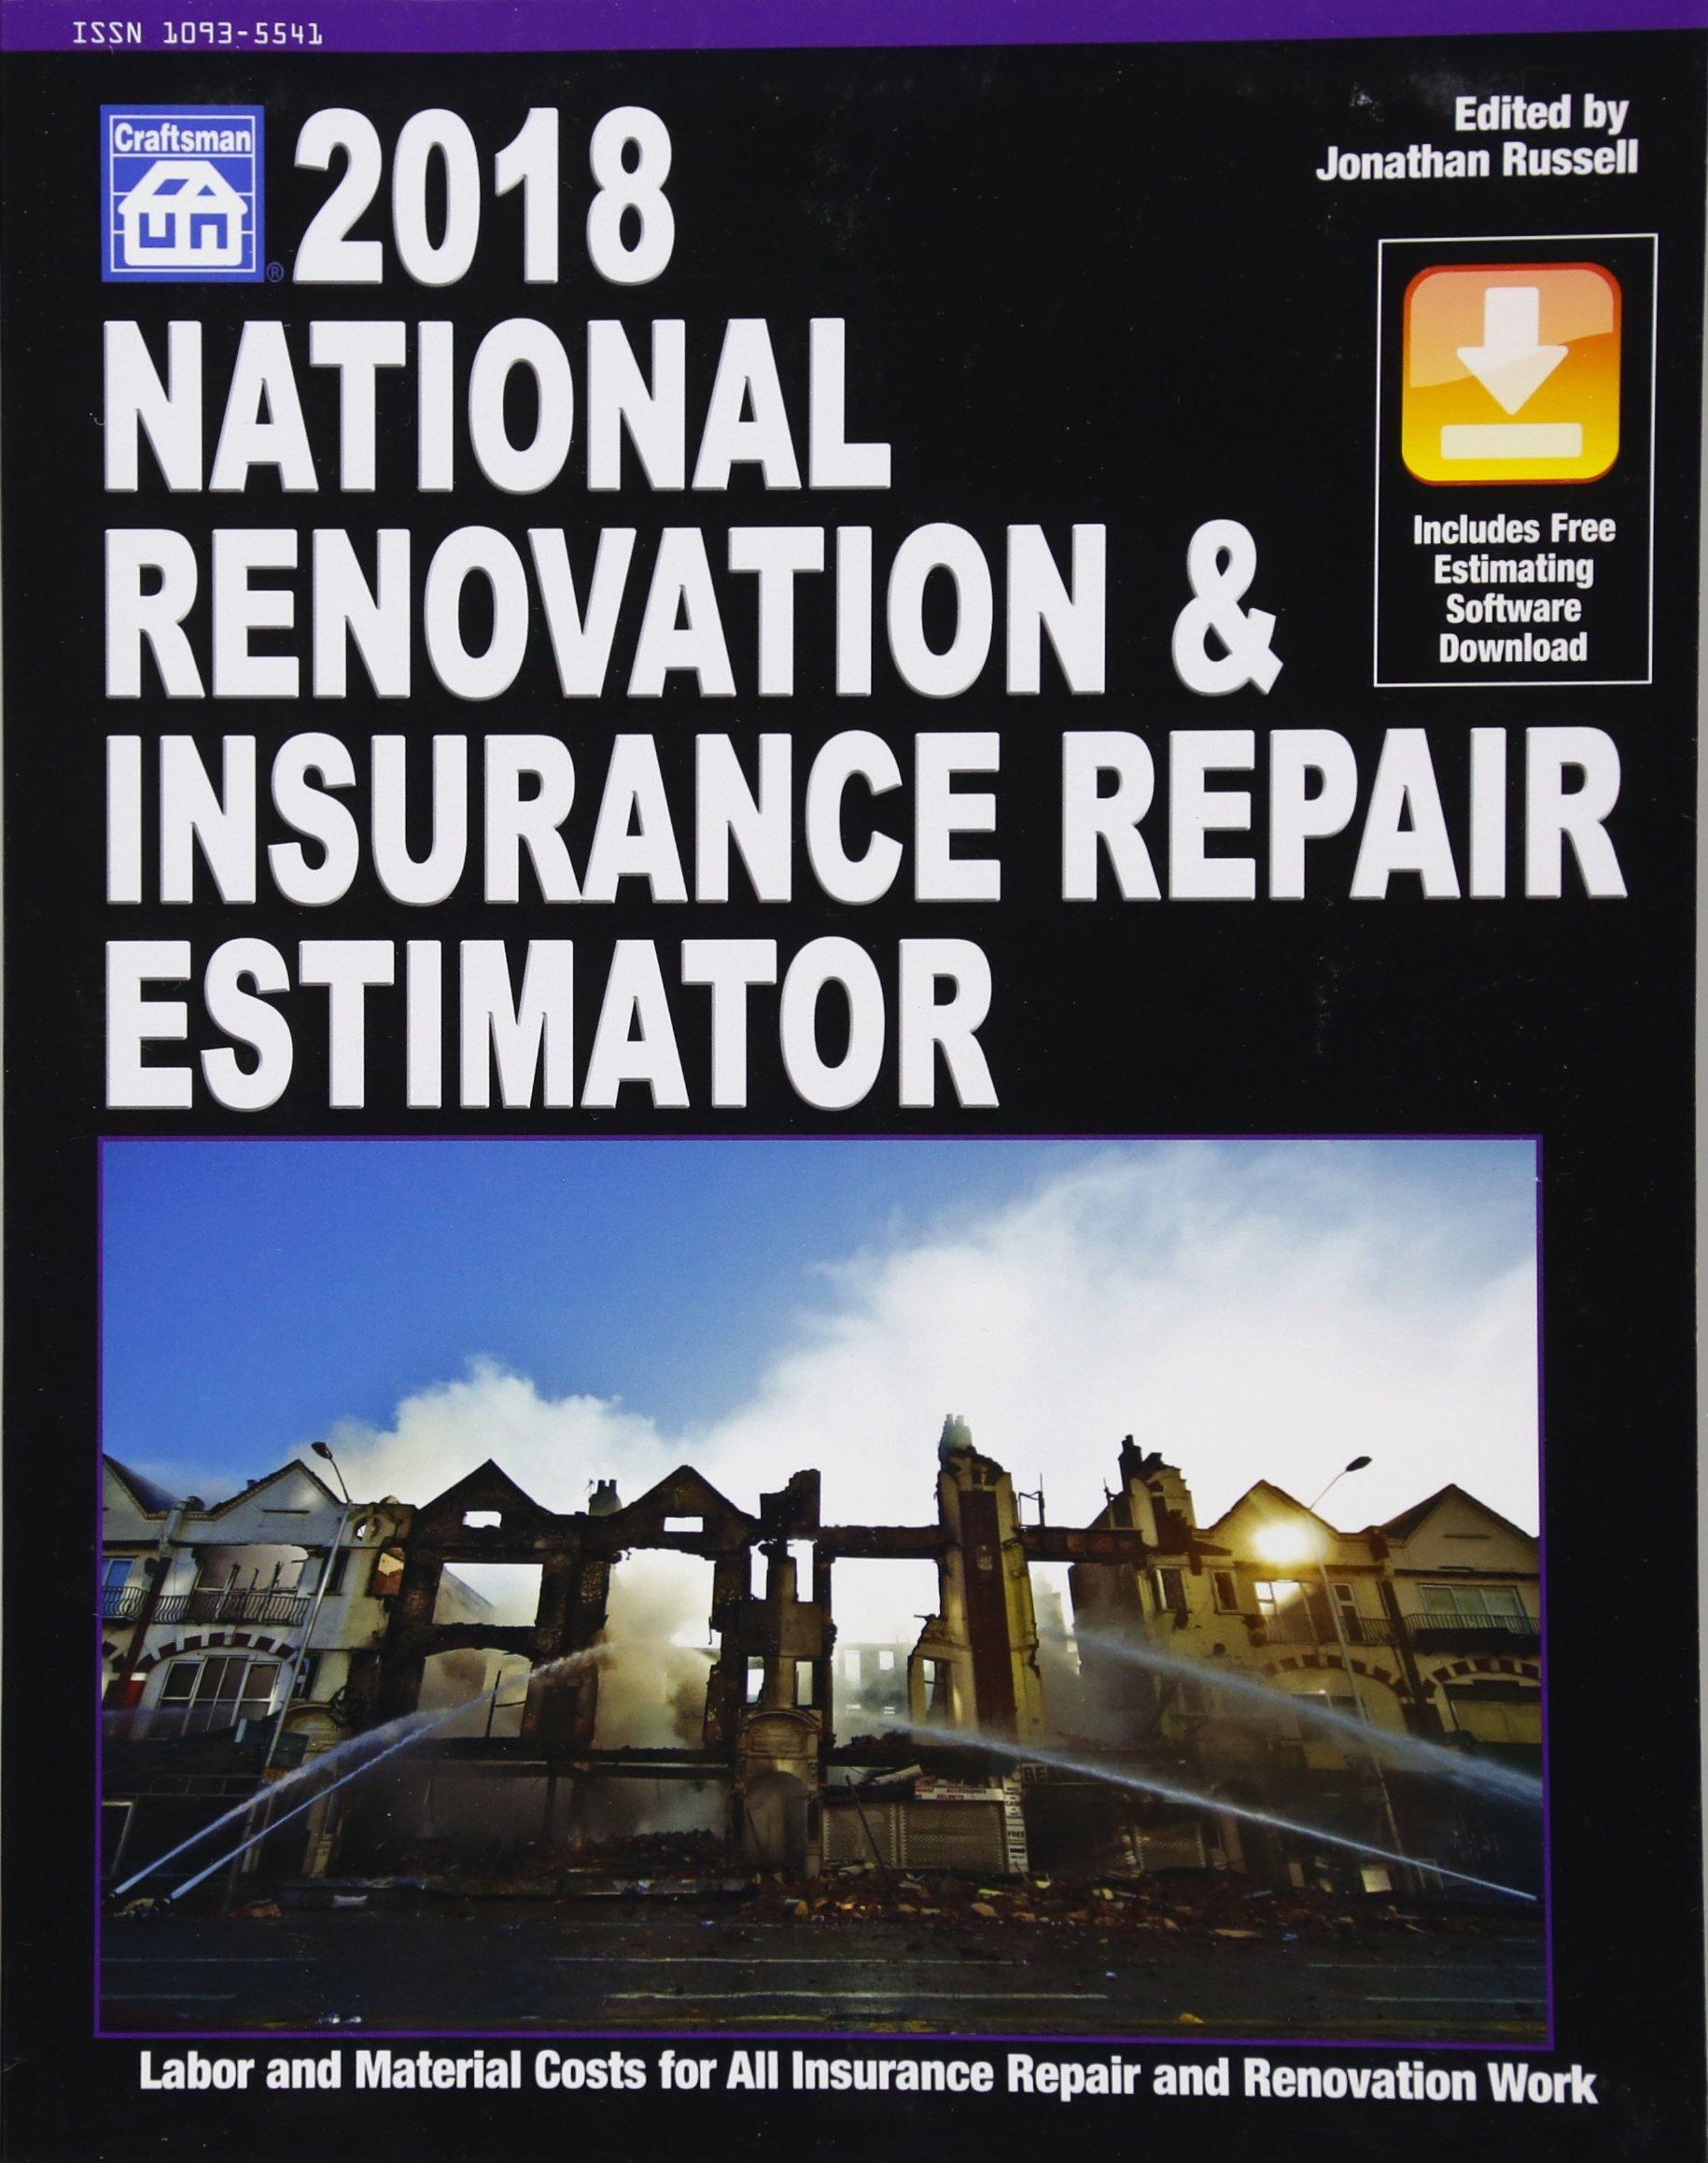 National Renovation & Insurance Repair Estimator 2018 (National Renovation and Insurance Repair Estimator)